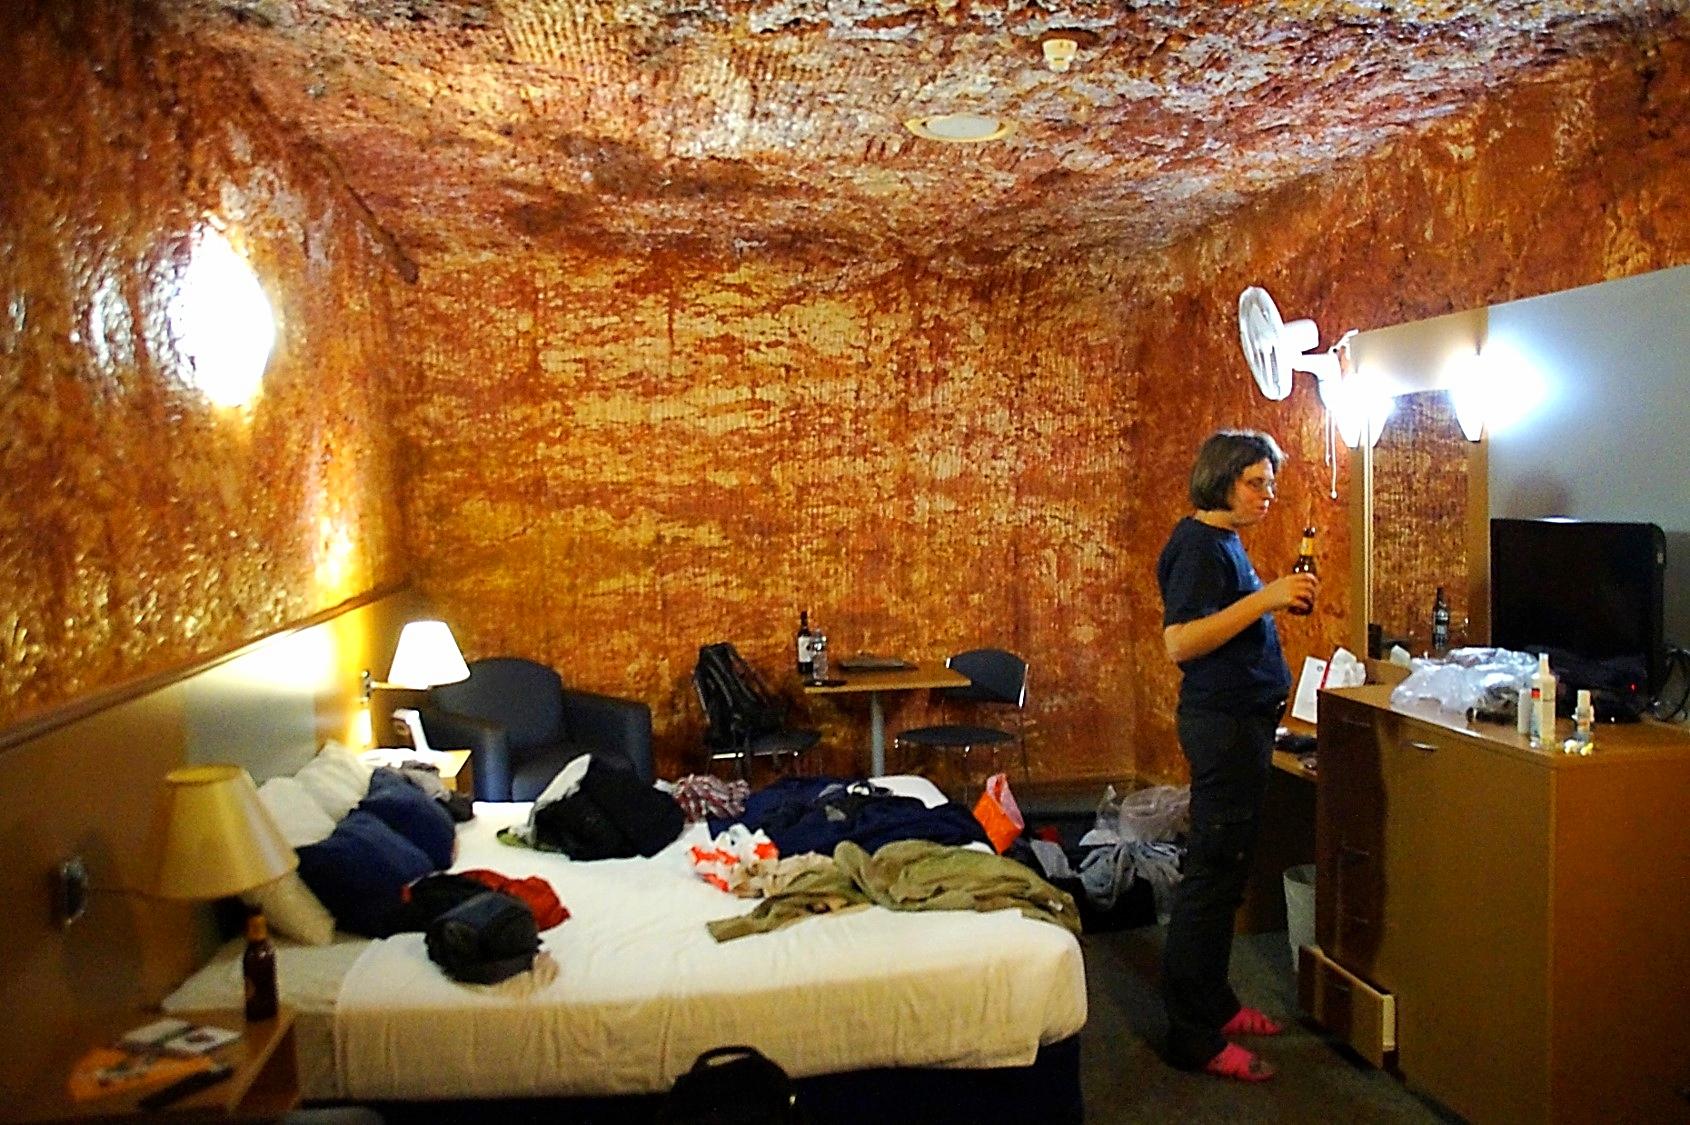 Bonus TOP 1 – Desert Cave Hotel in Coober Pedy. Urige Felshöhlen, ruhig und gut klimatisiert. Das Abendessen im Restaurant war sehr gut und preiswert.